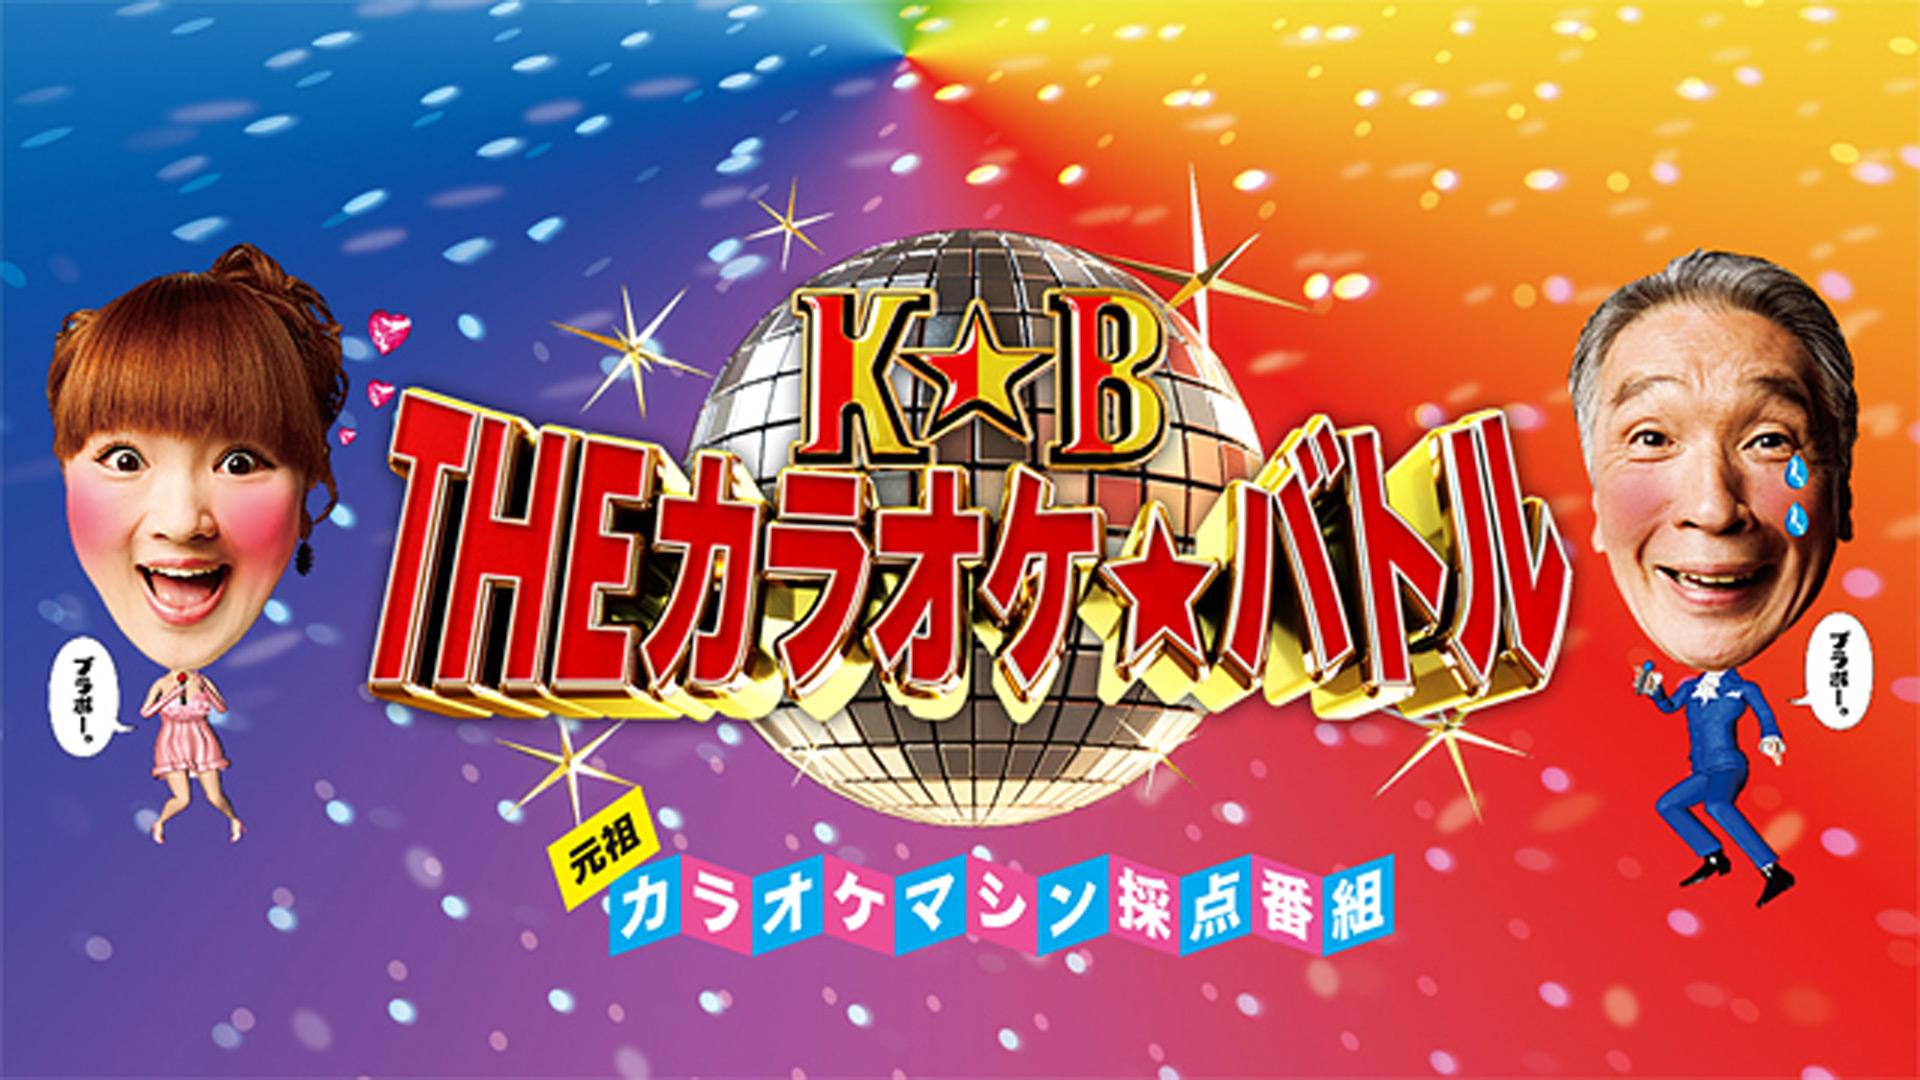 無料テレビでTHEカラオケ★バトル 優勝者フルバージョン動画を視聴する